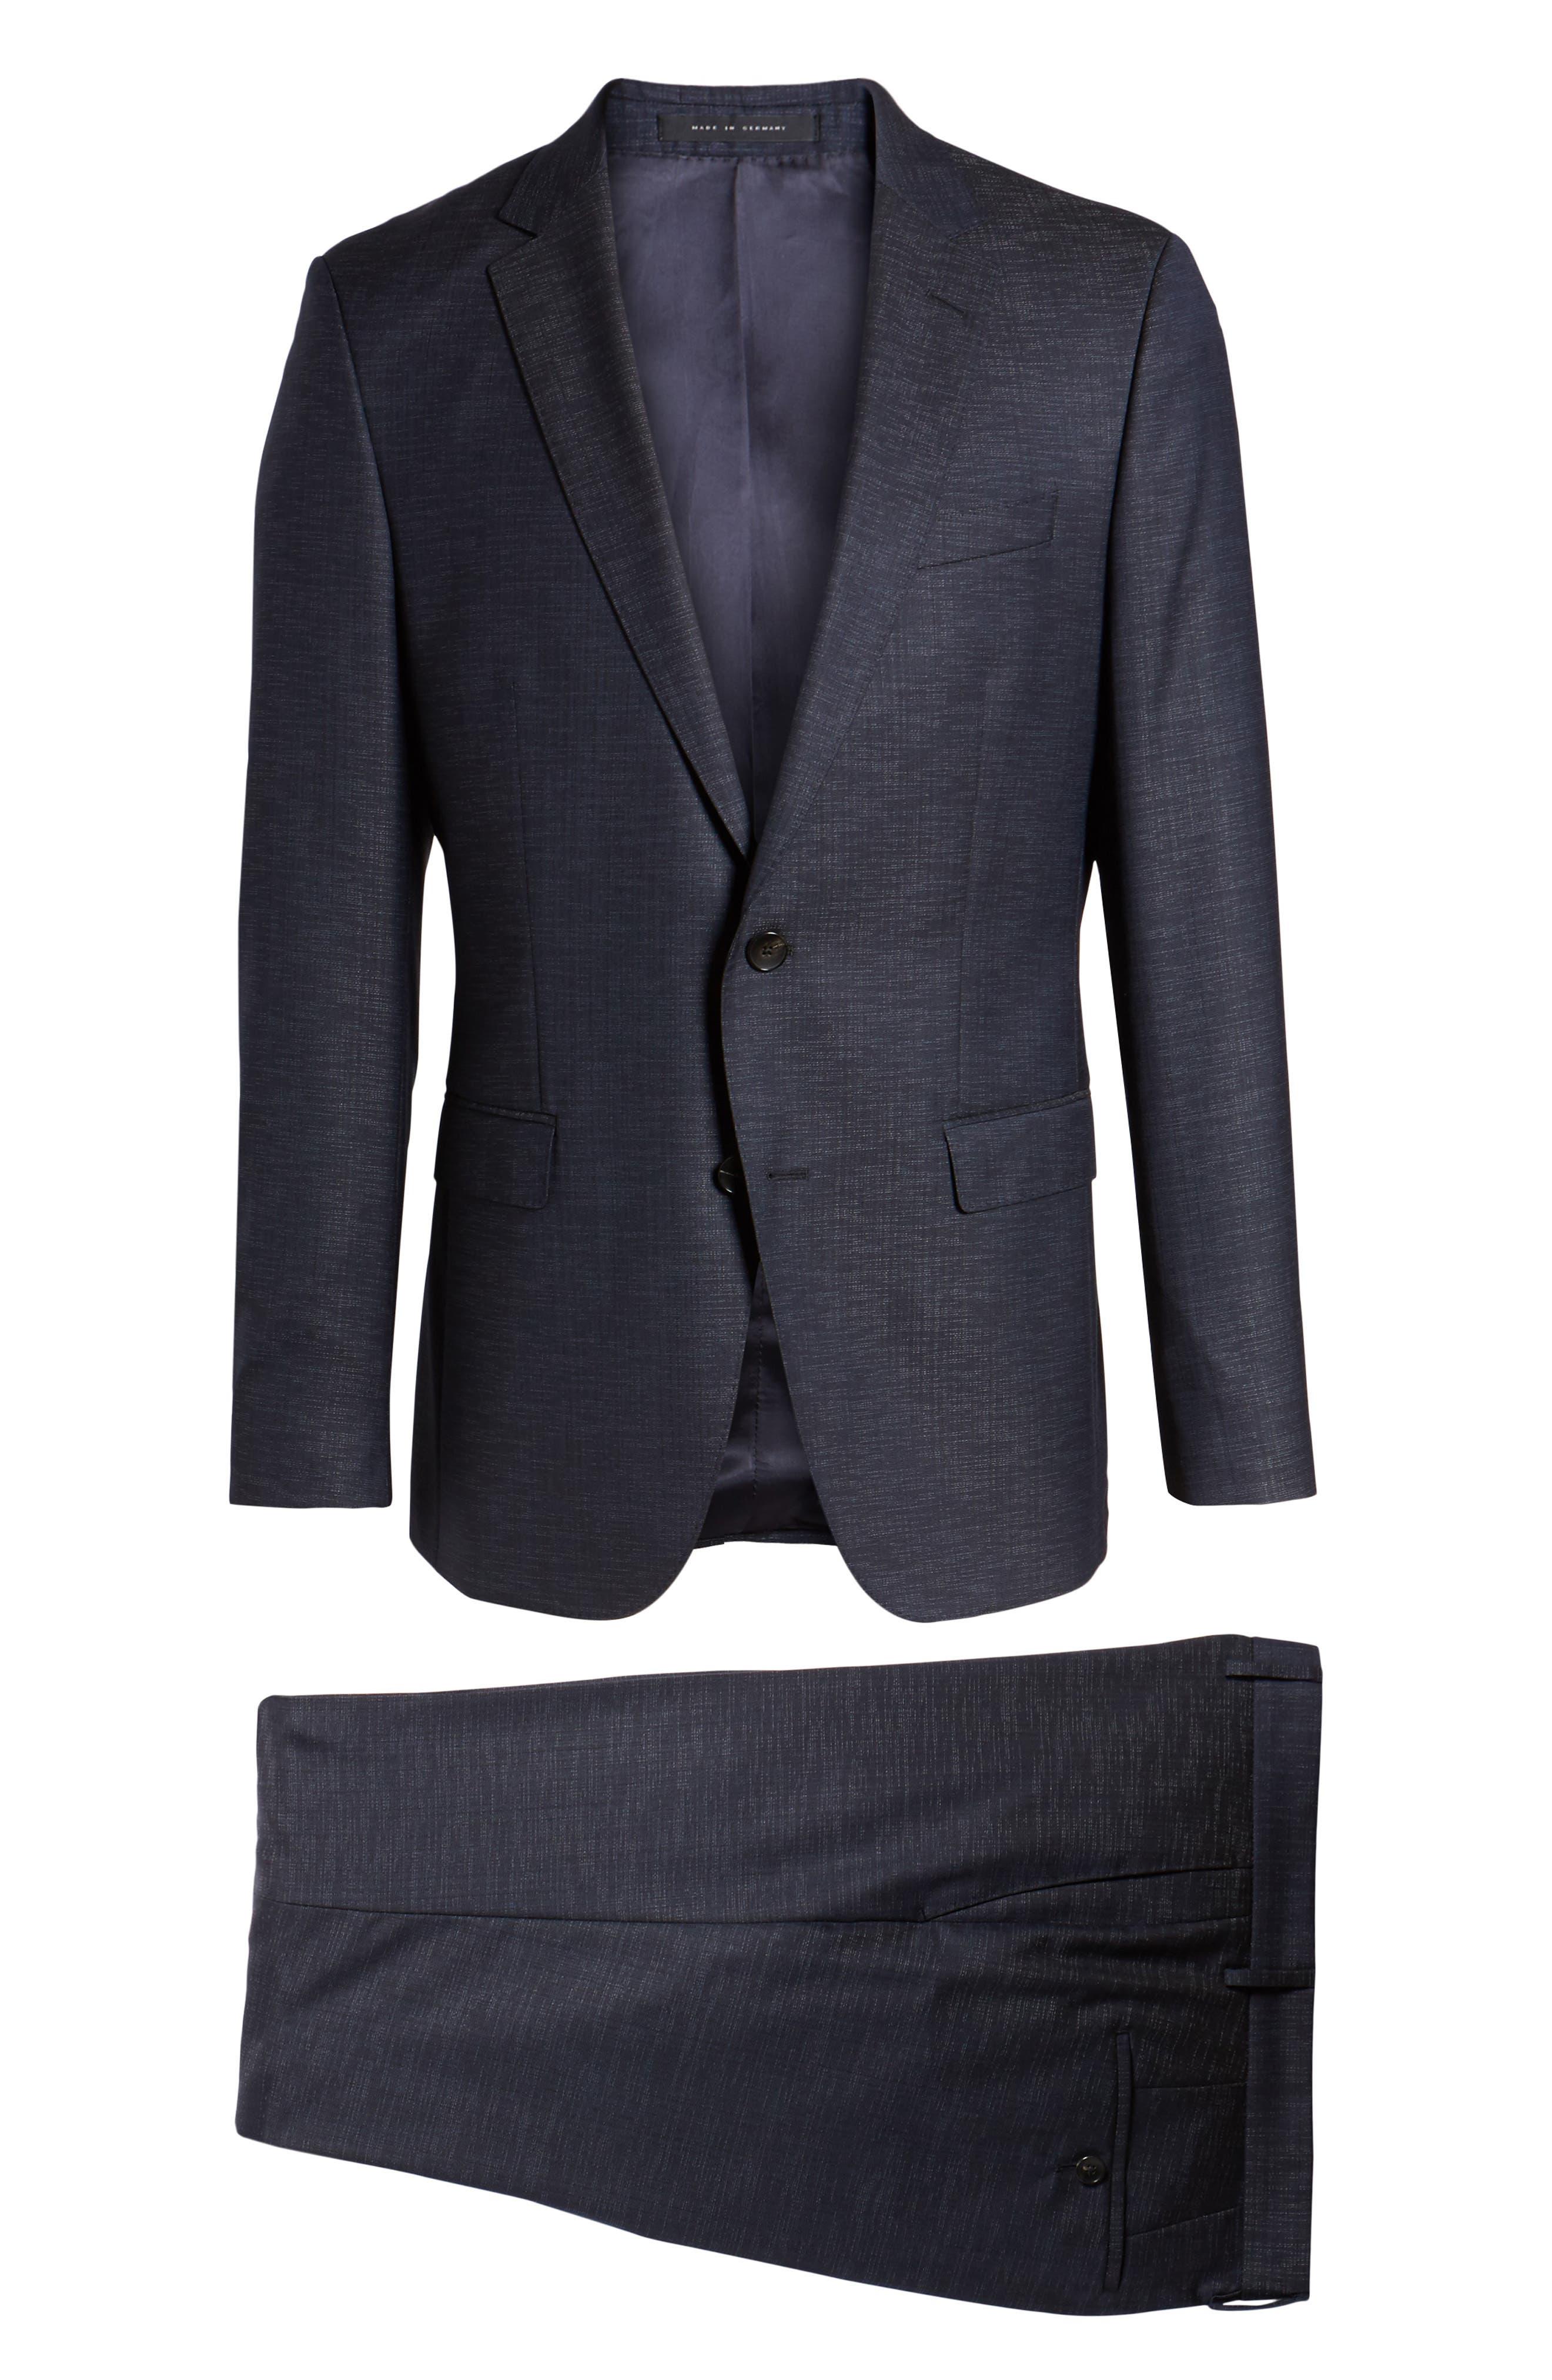 Novan/Ben Trim Fit Solid Wool Blend Suit,                             Alternate thumbnail 8, color,                             410